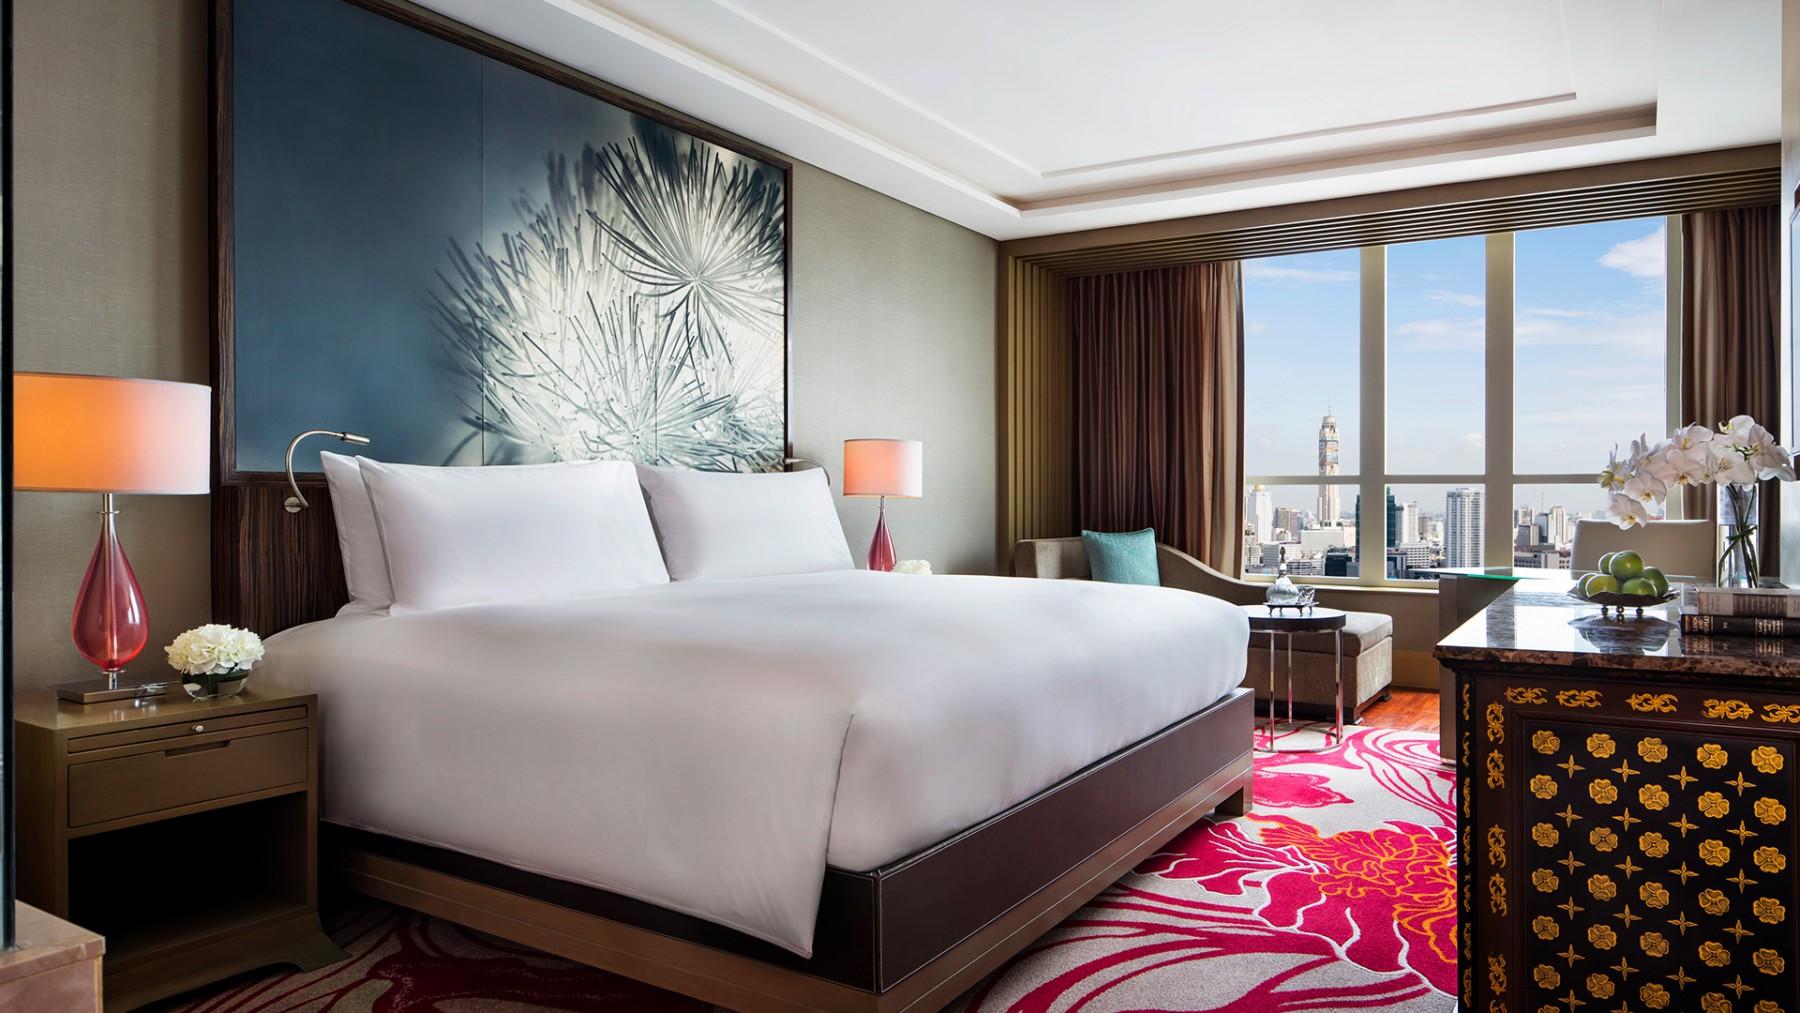 Luxury 5 Star Hotel Bangkok Welcome To Sofitel Bangkok